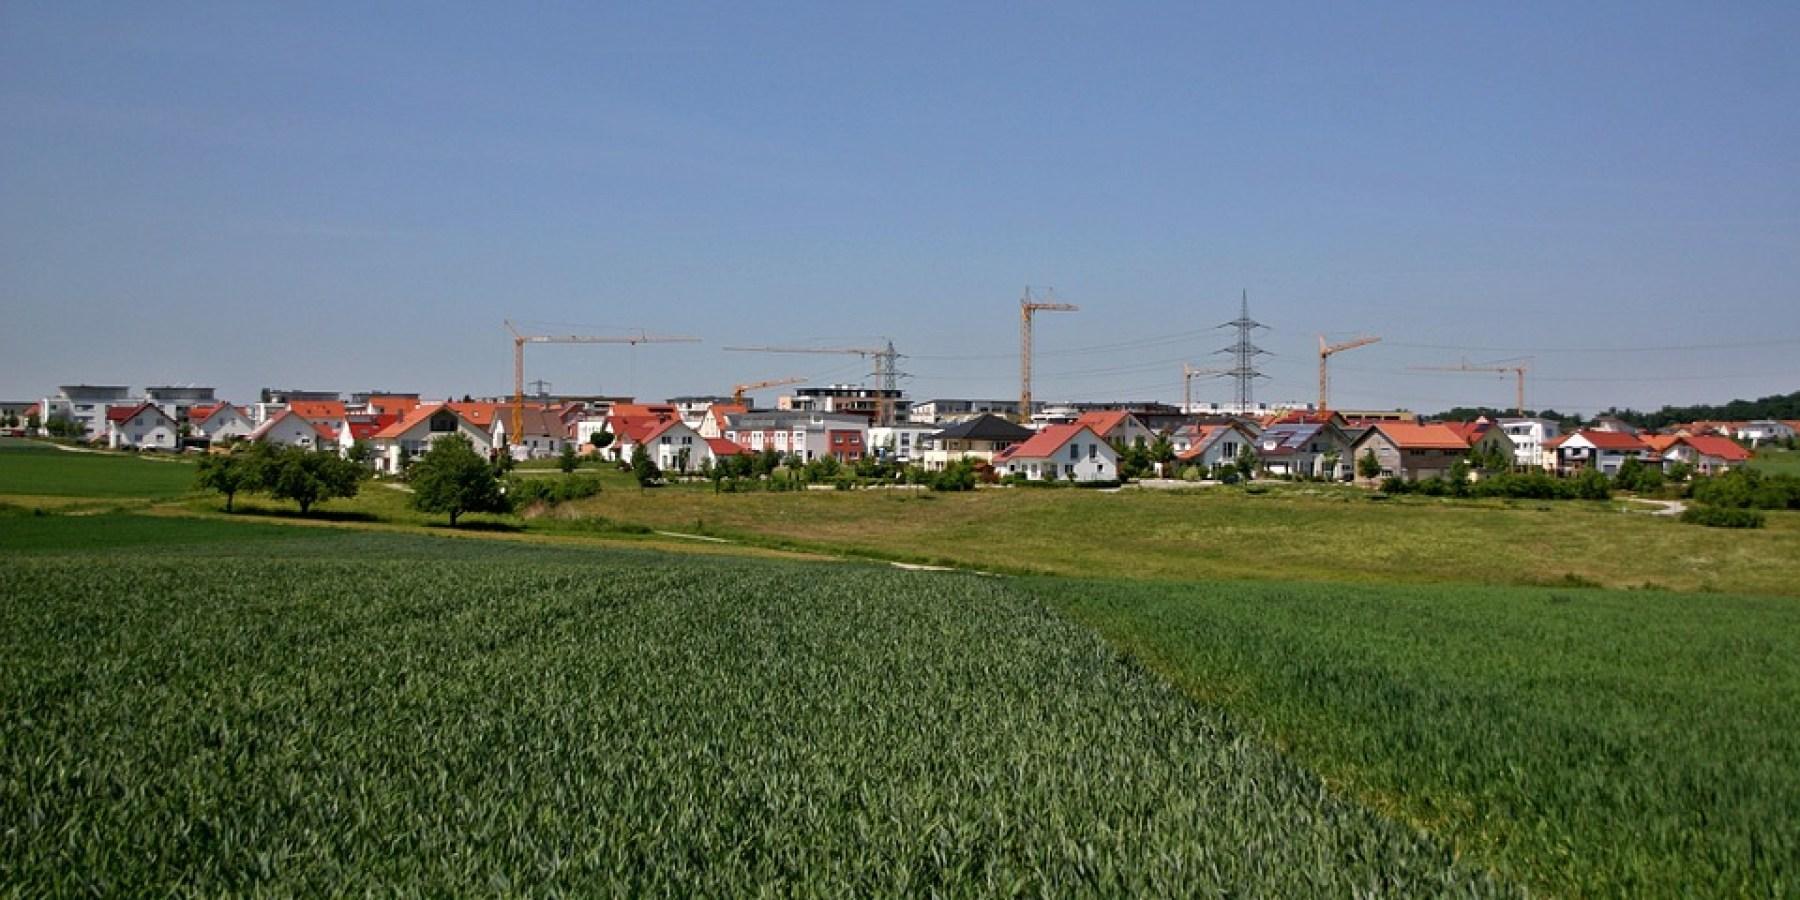 Neues Wohnquartier in Sprakel